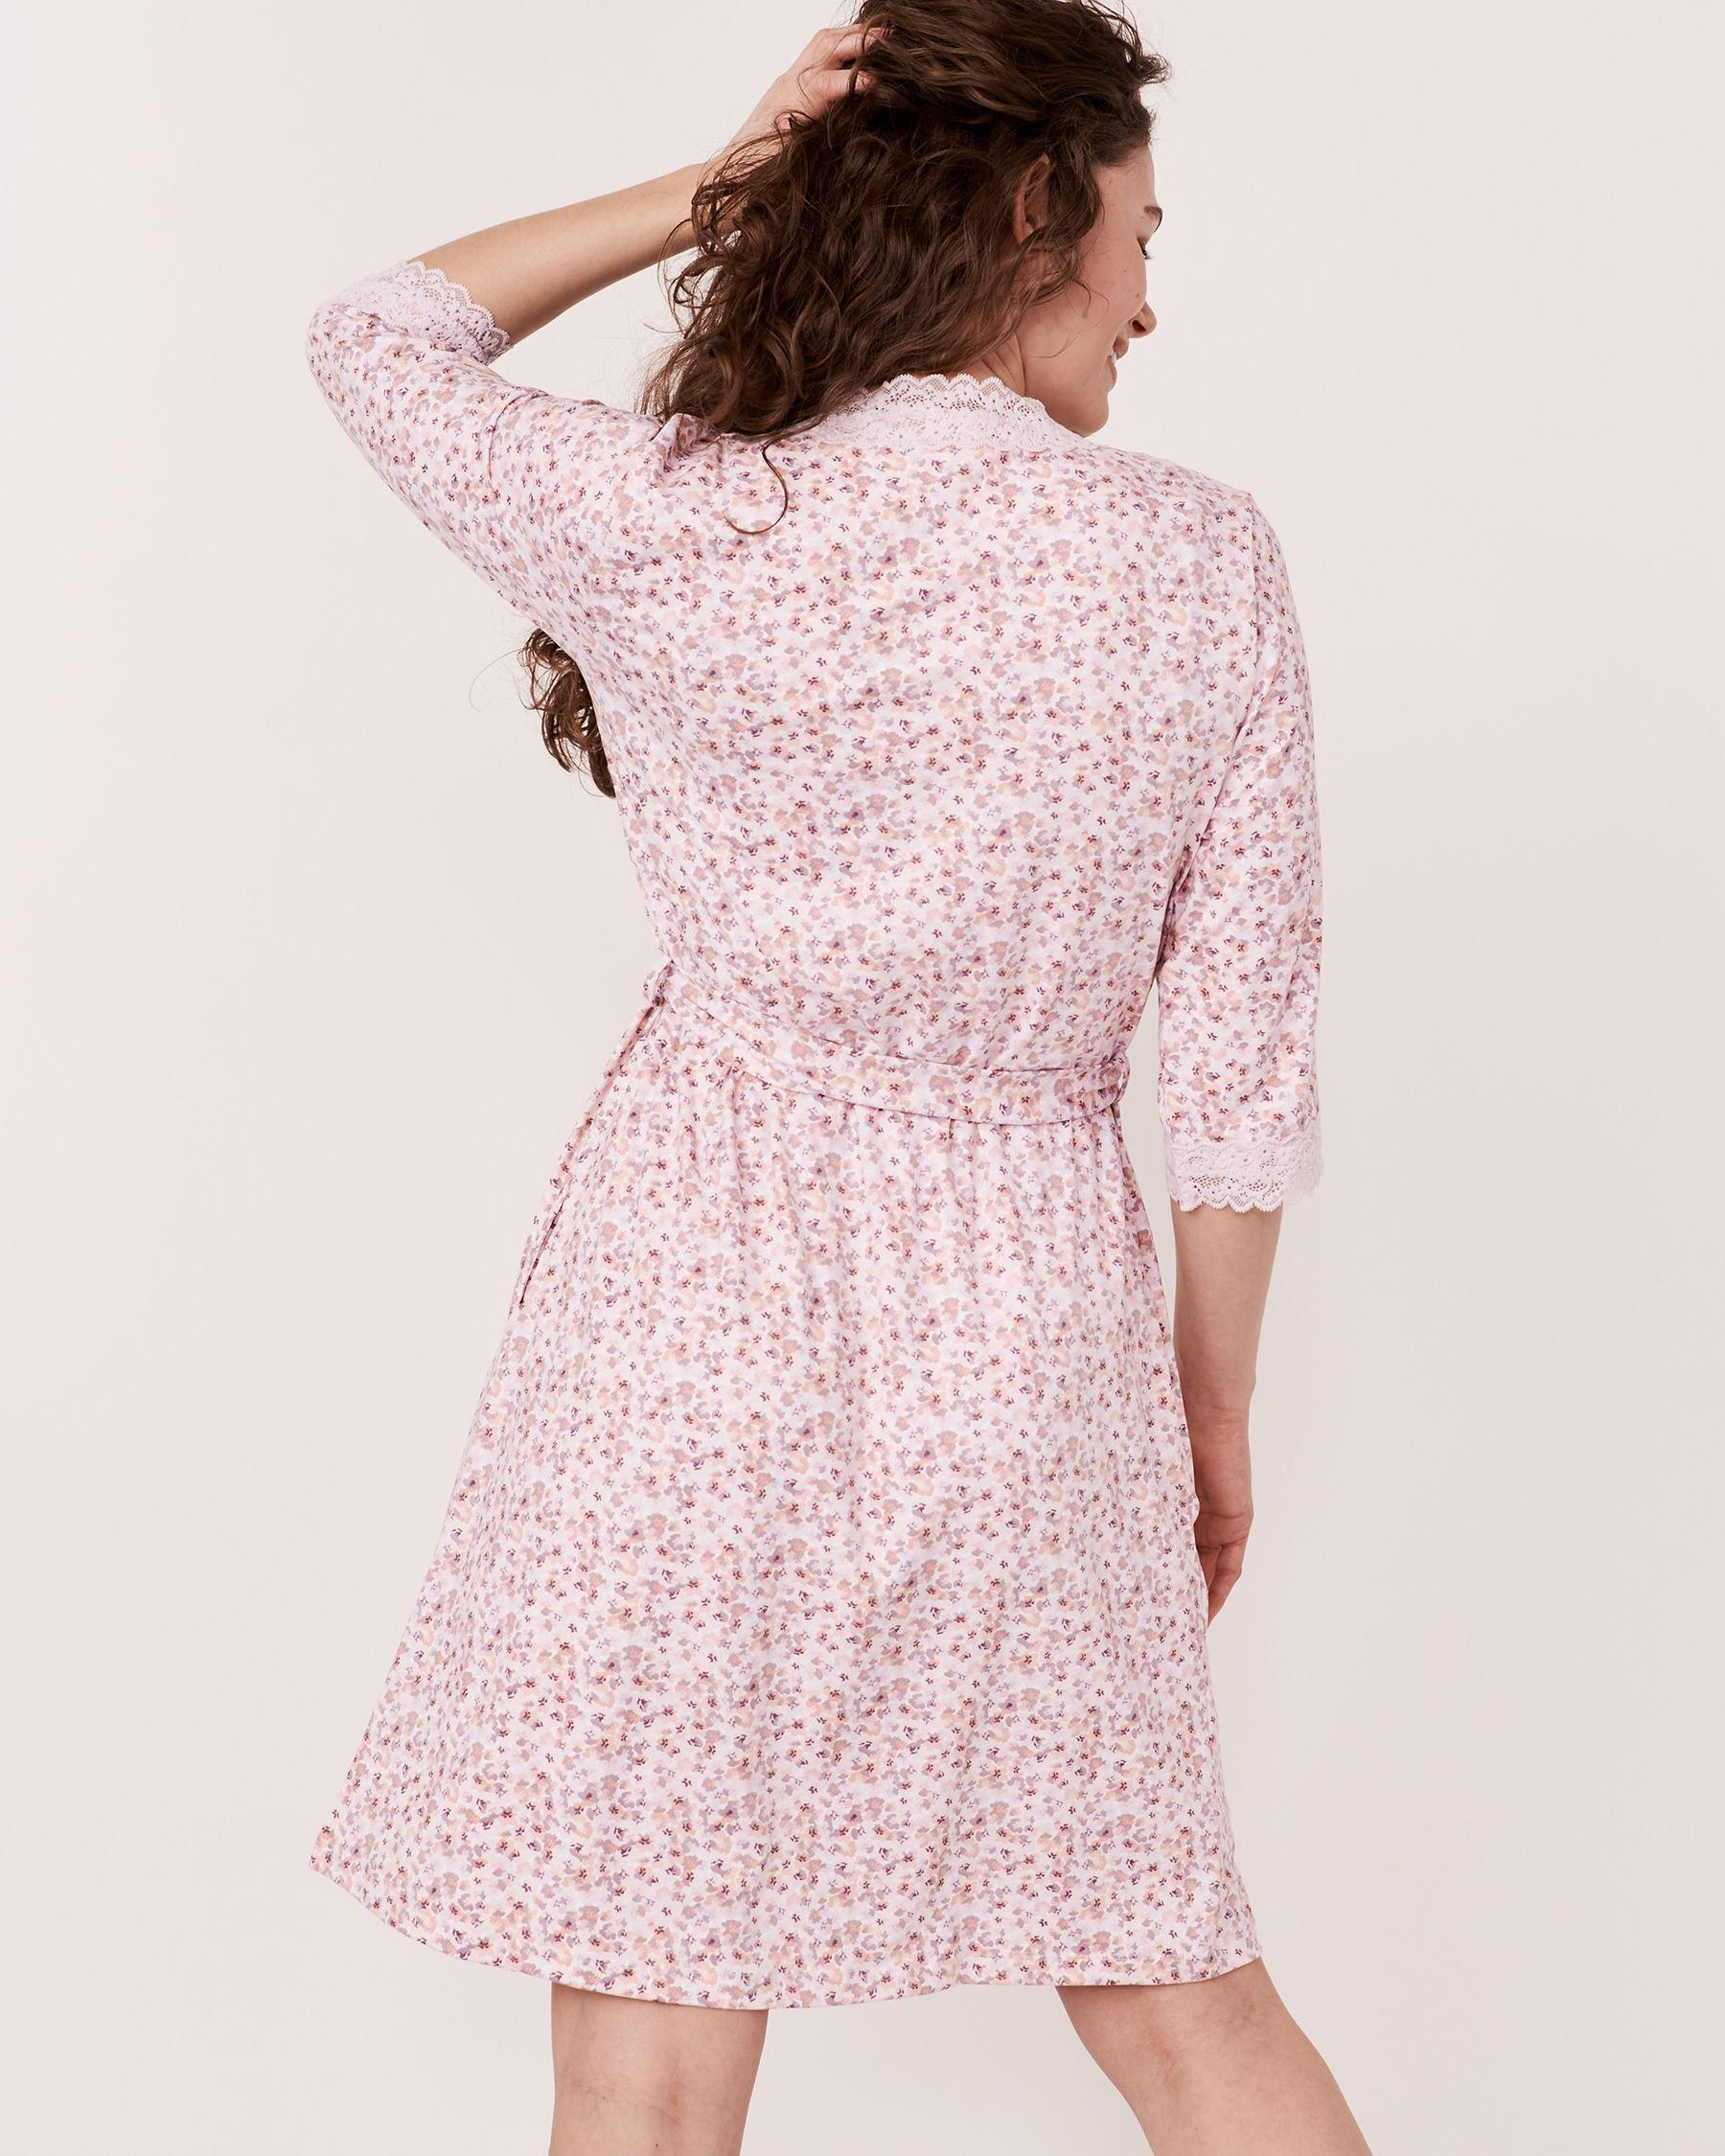 LA VIE EN ROSE Lace Trim Kimono Ditsy floral 40600012 - View2